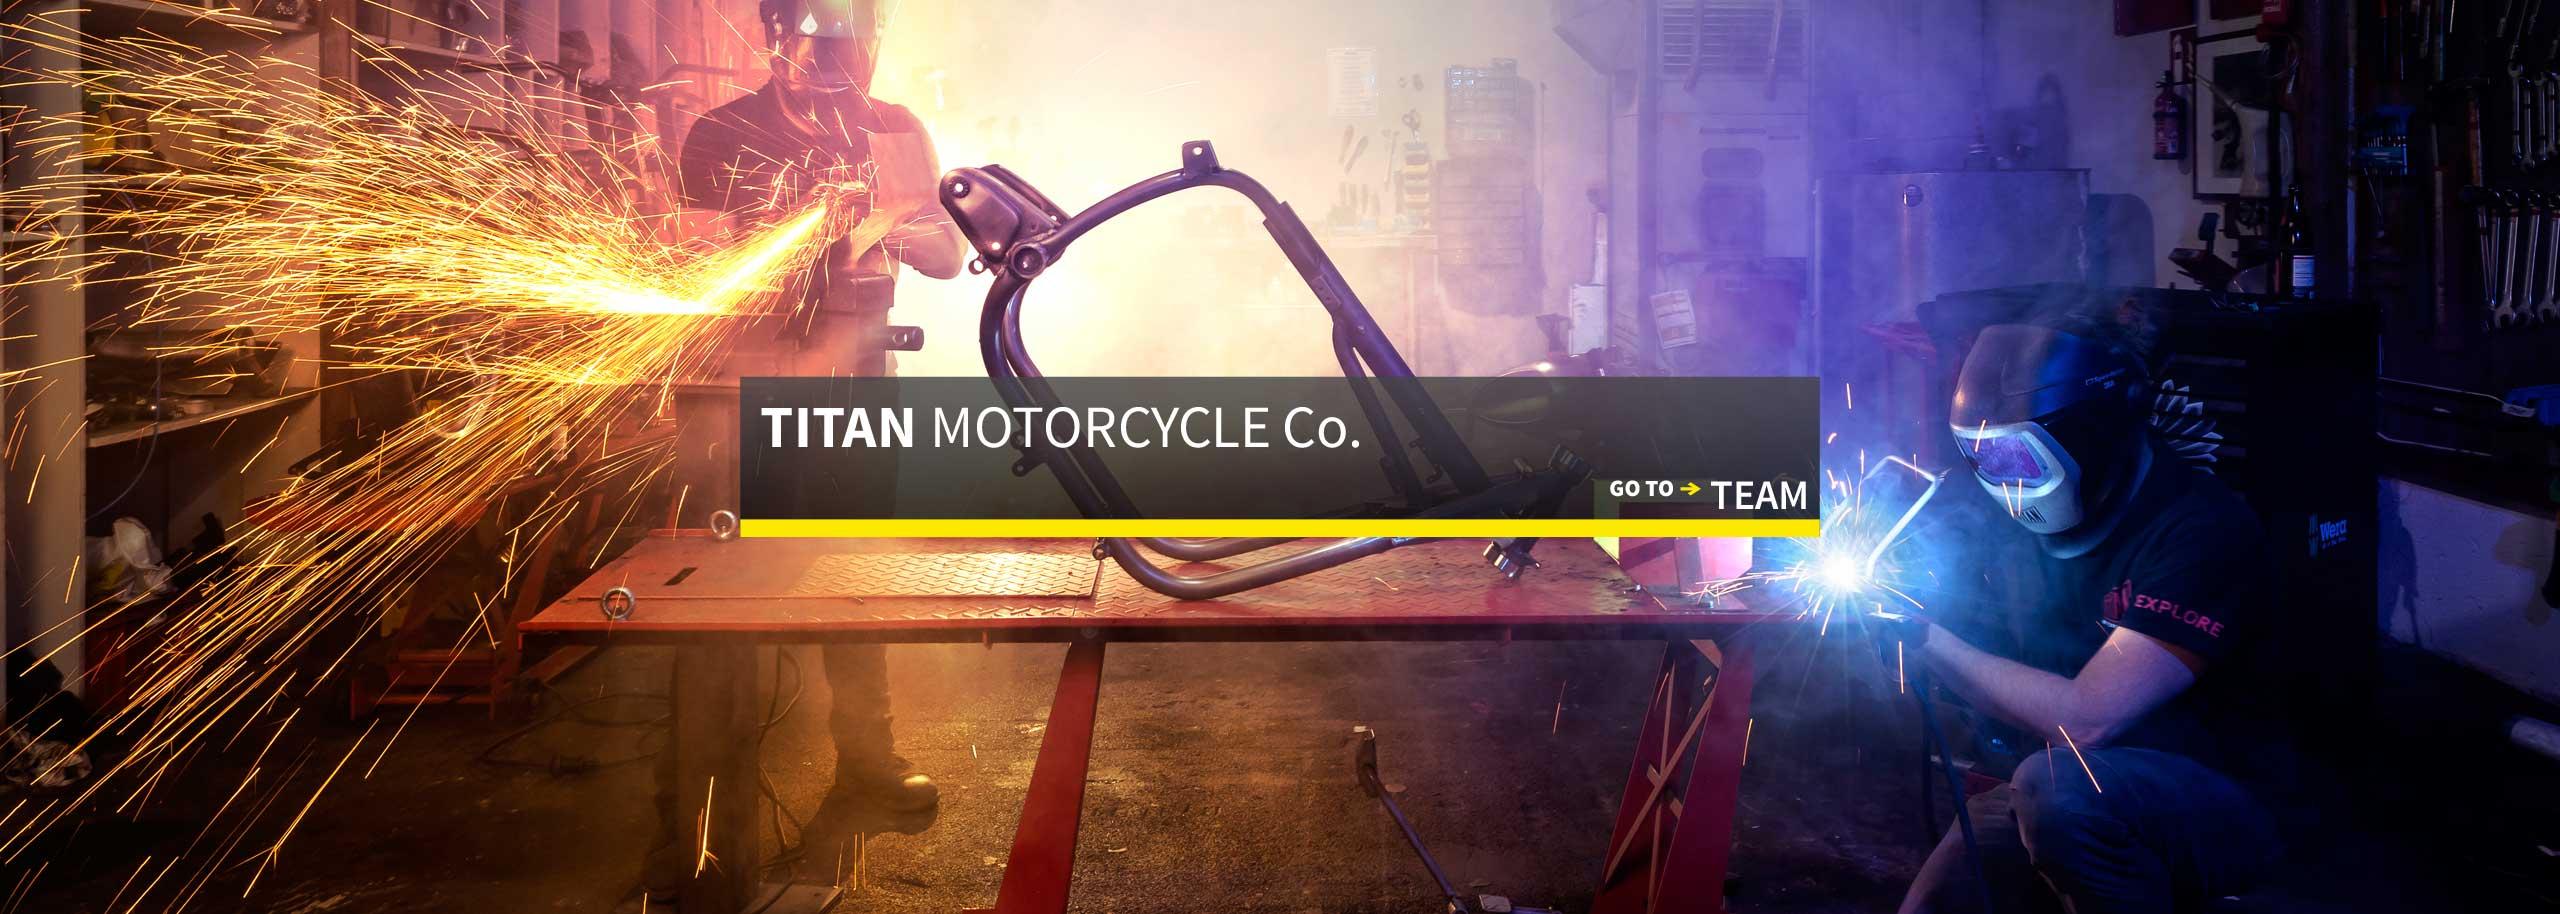 Titan-Motorcycles-Motorrad-Österreich--Custom-Werkstatt-Vespa-Service_Cafe-Racer-Graz-BMW-Umbau-Motorrad